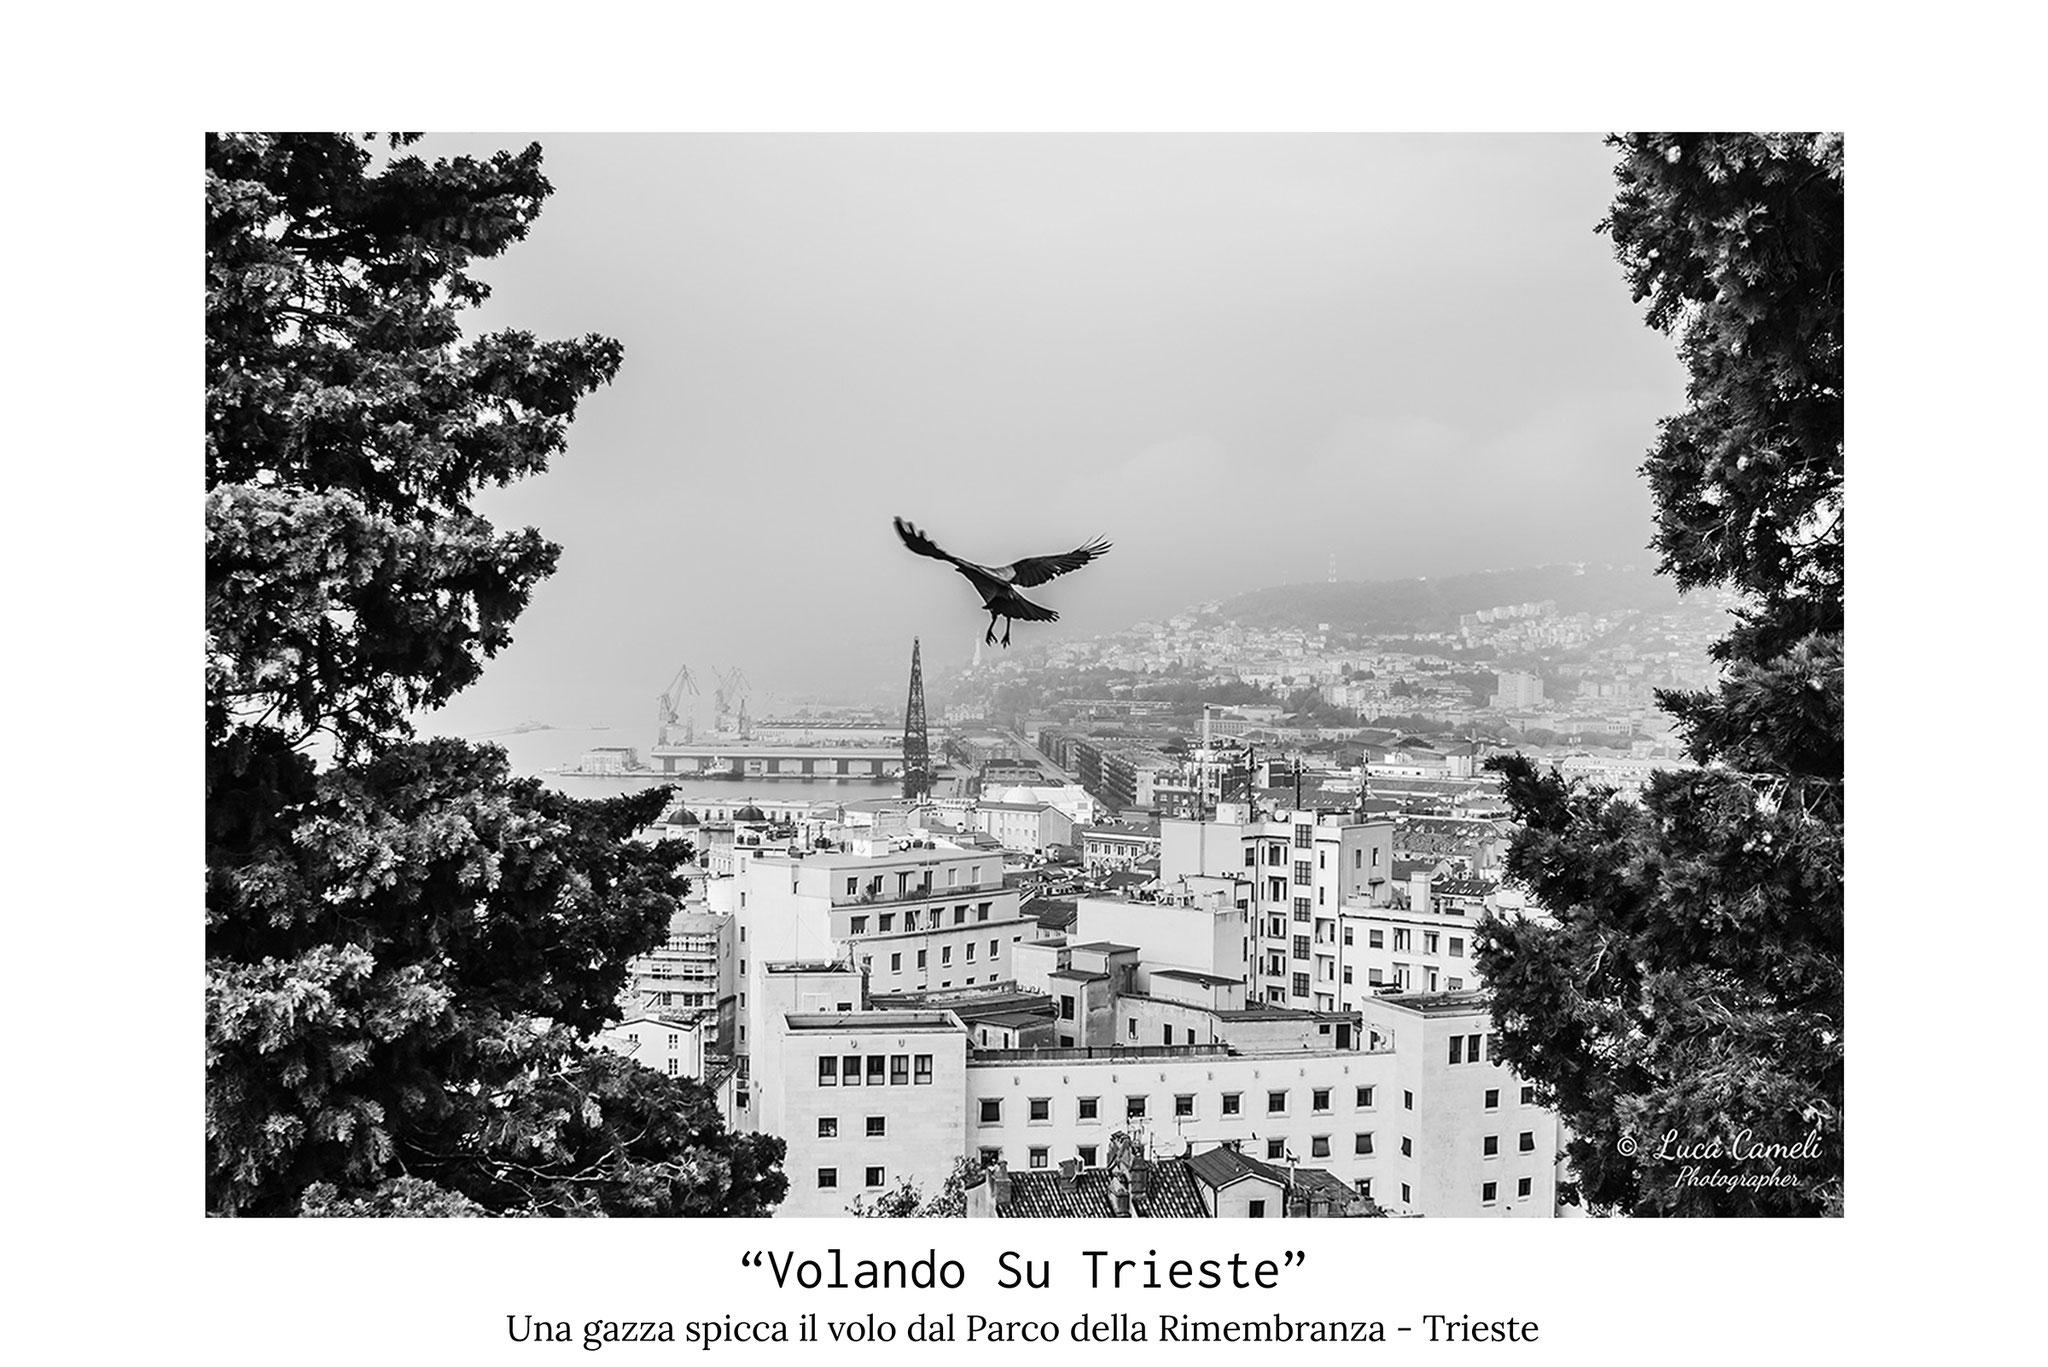 """""""Volando Su Trieste"""", Scorcio di Trieste vista dall'alto del Parco della Rimembranza con una gazza ladra che spicca il volo verso il centro della città. © Luca Cameli Photographer"""